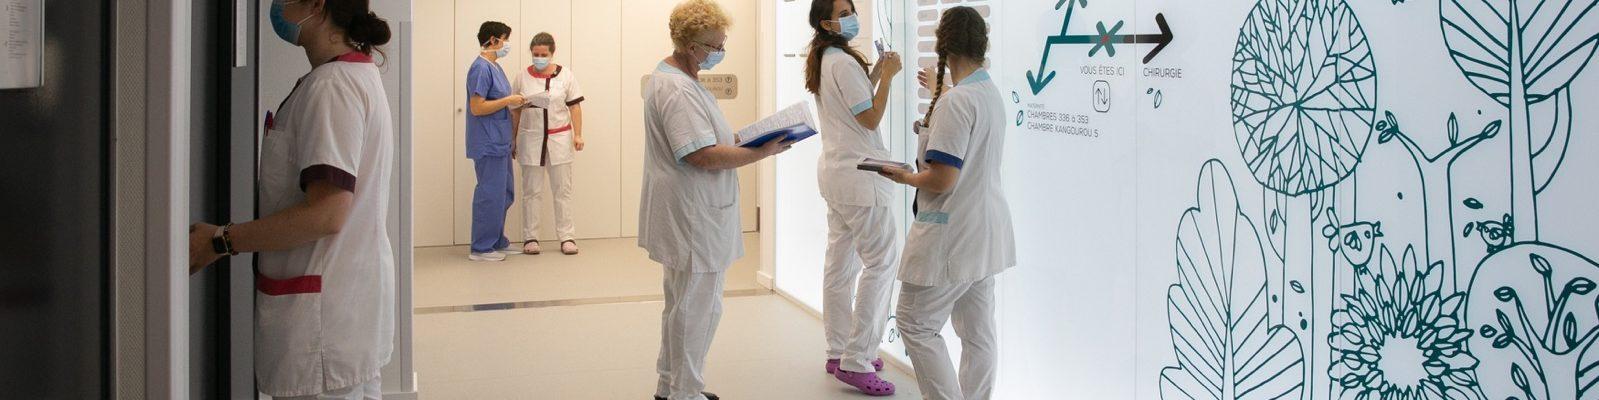 La maternité de la clinique Ste Anne fait peau neuve